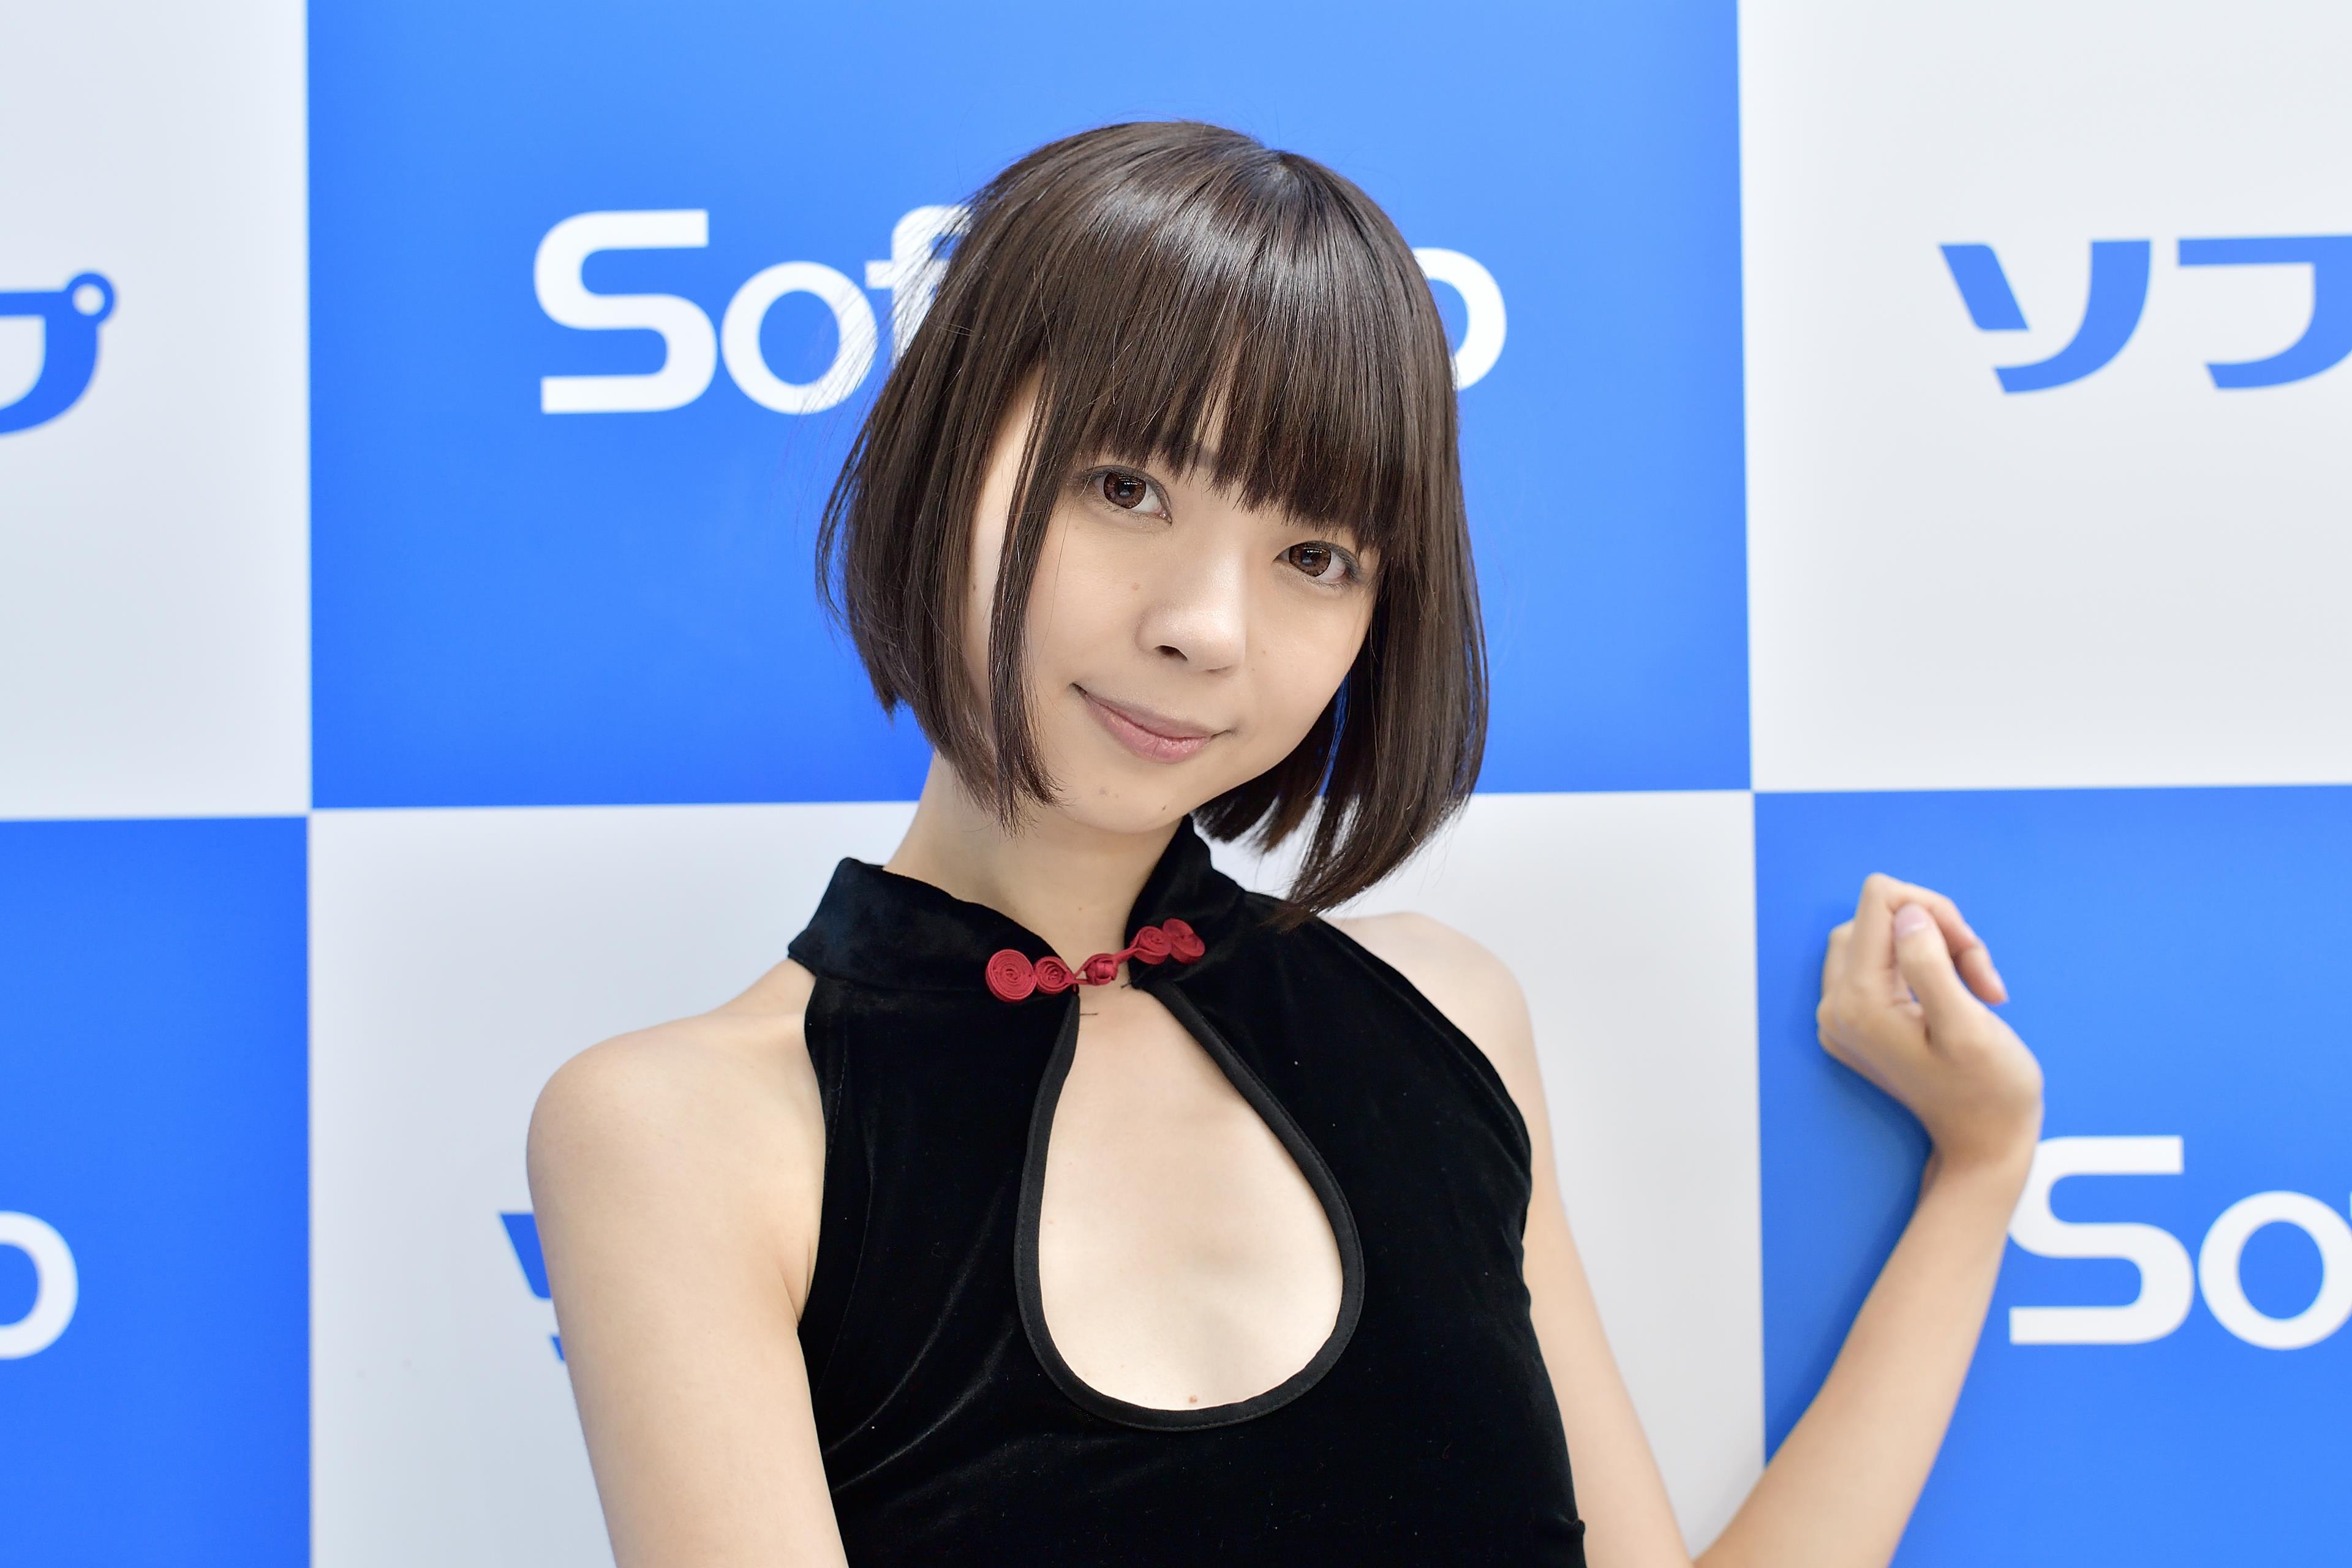 2019年06月14日ソフマップ4号館8階撮影会報告_e0194893_20325953.jpg